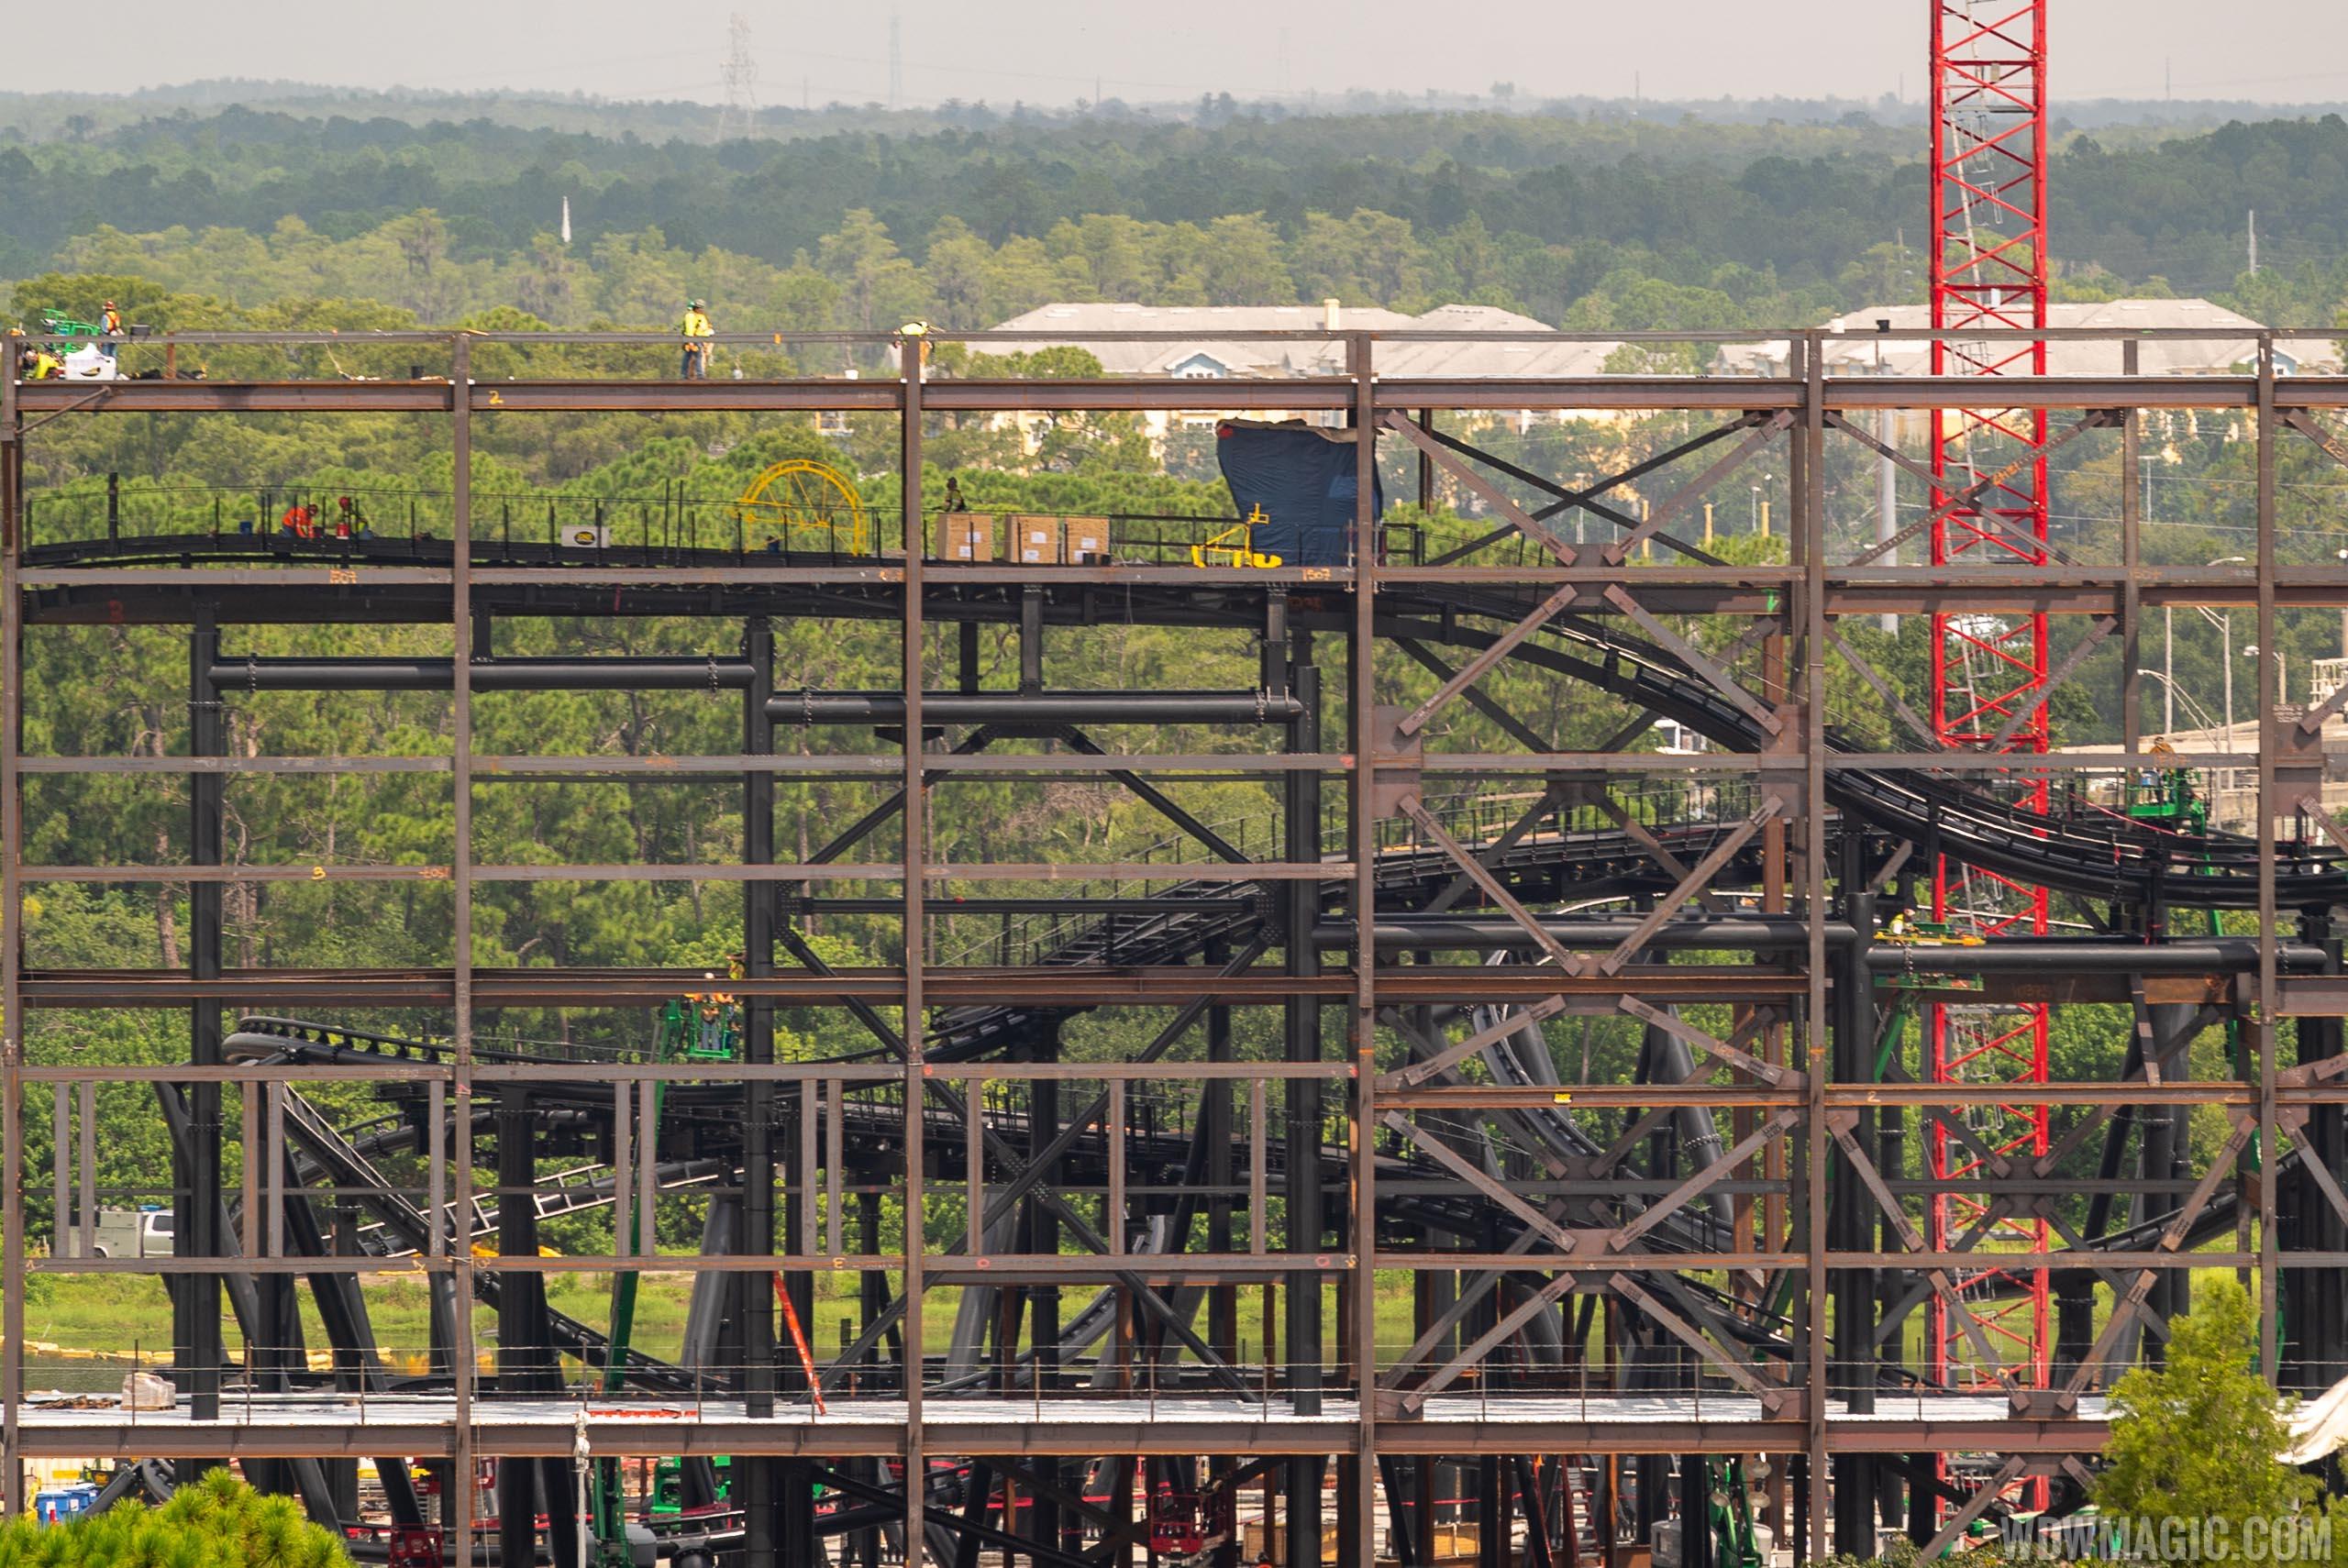 Tron construction site - August 2019